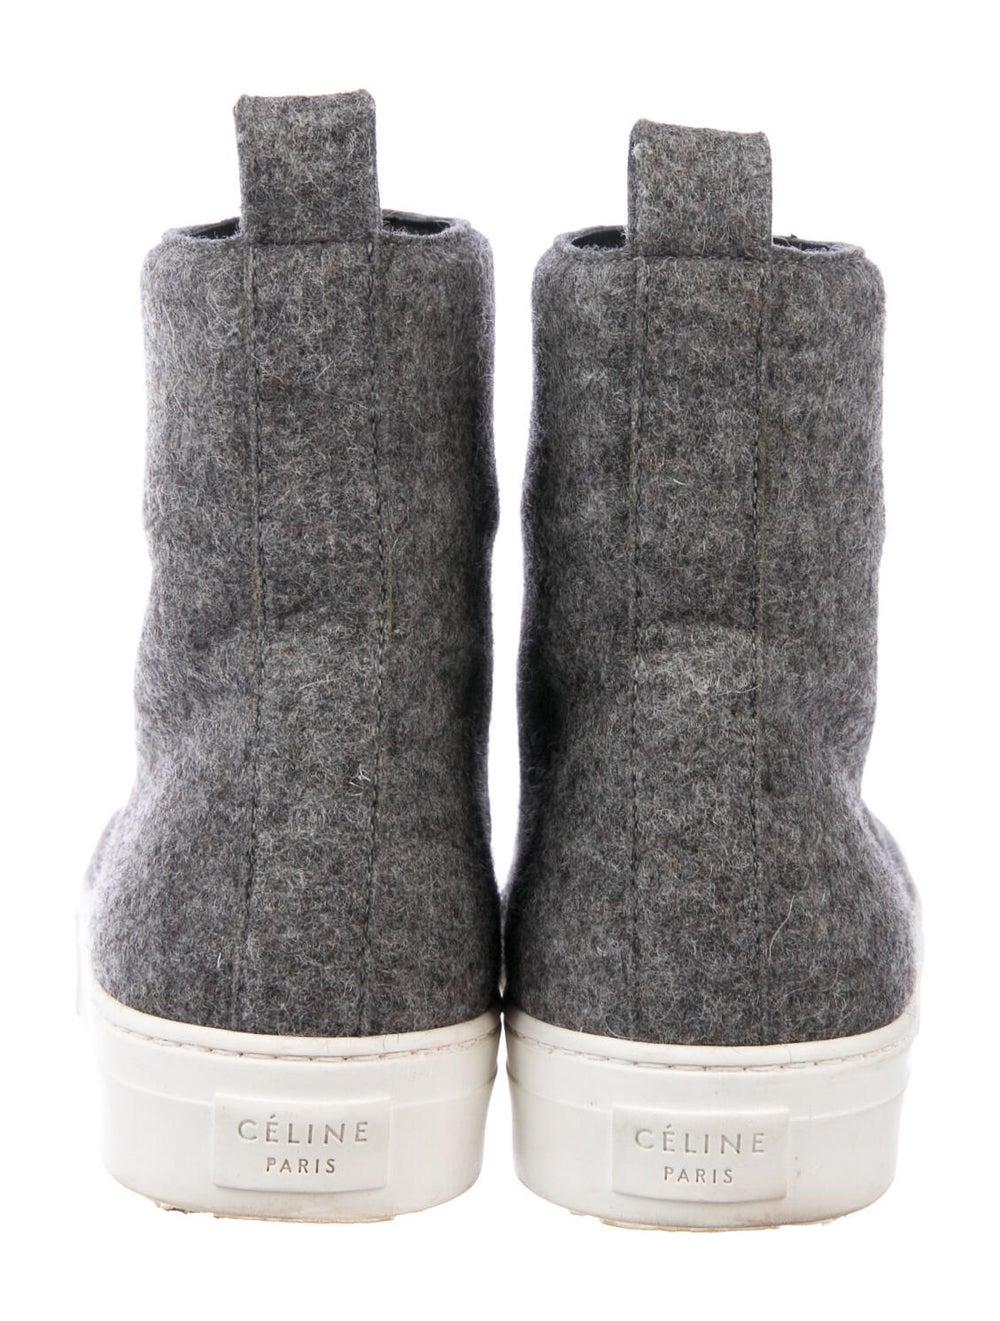 Celine Sneakers Grey - image 4